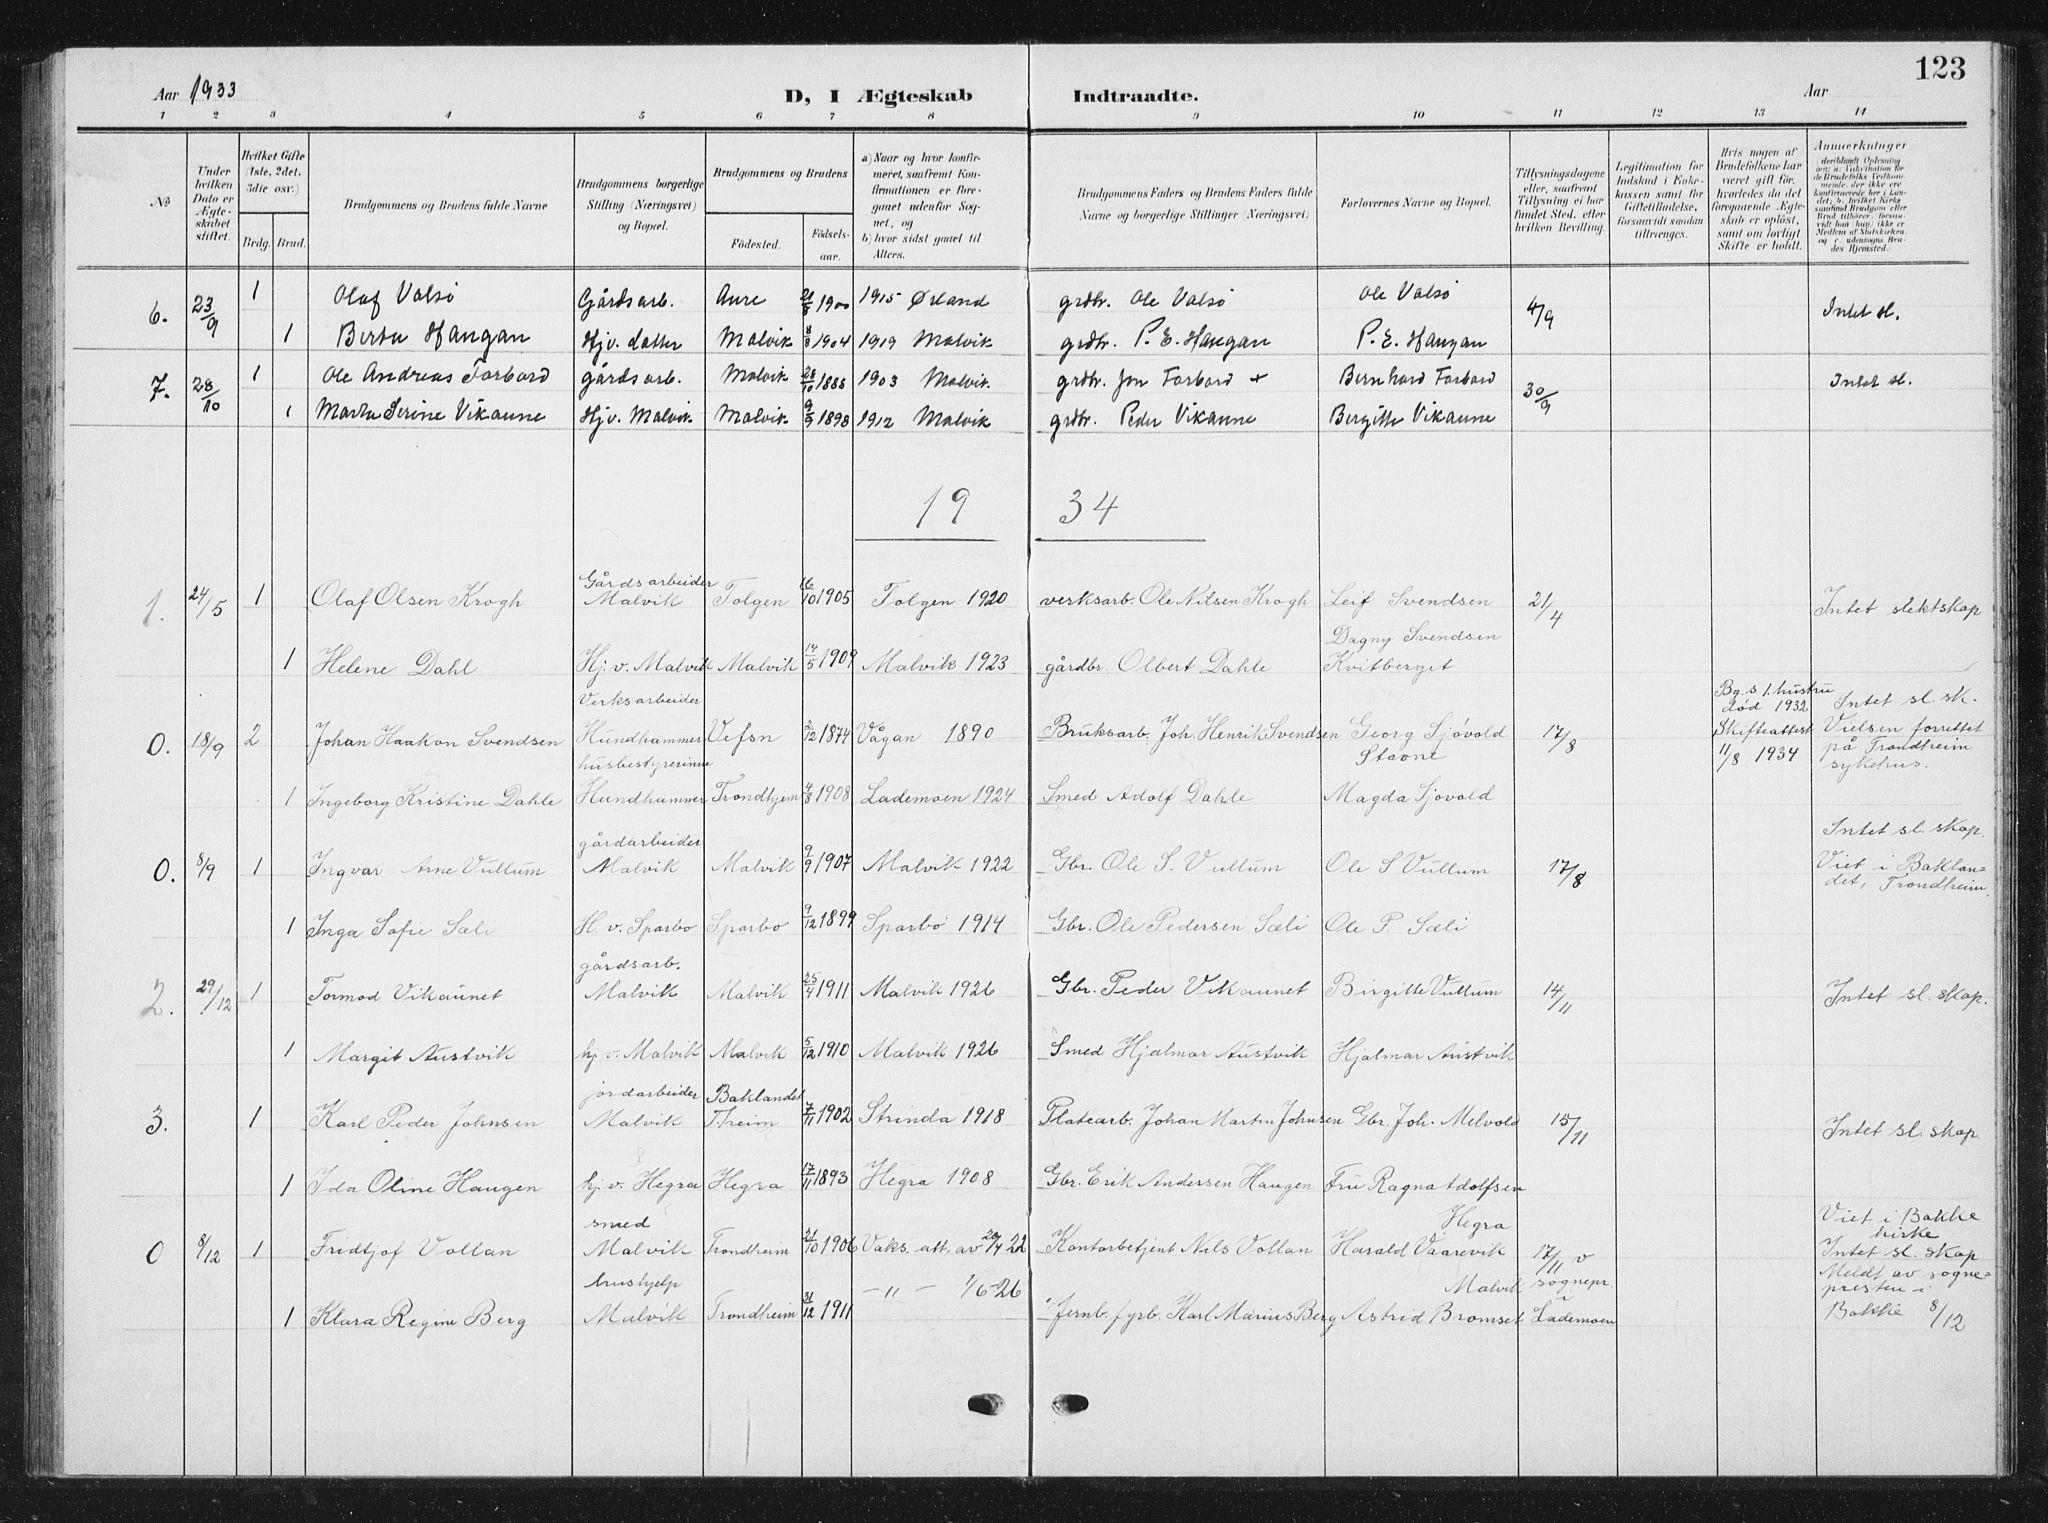 SAT, Ministerialprotokoller, klokkerbøker og fødselsregistre - Sør-Trøndelag, 616/L0424: Klokkerbok nr. 616C07, 1904-1940, s. 123